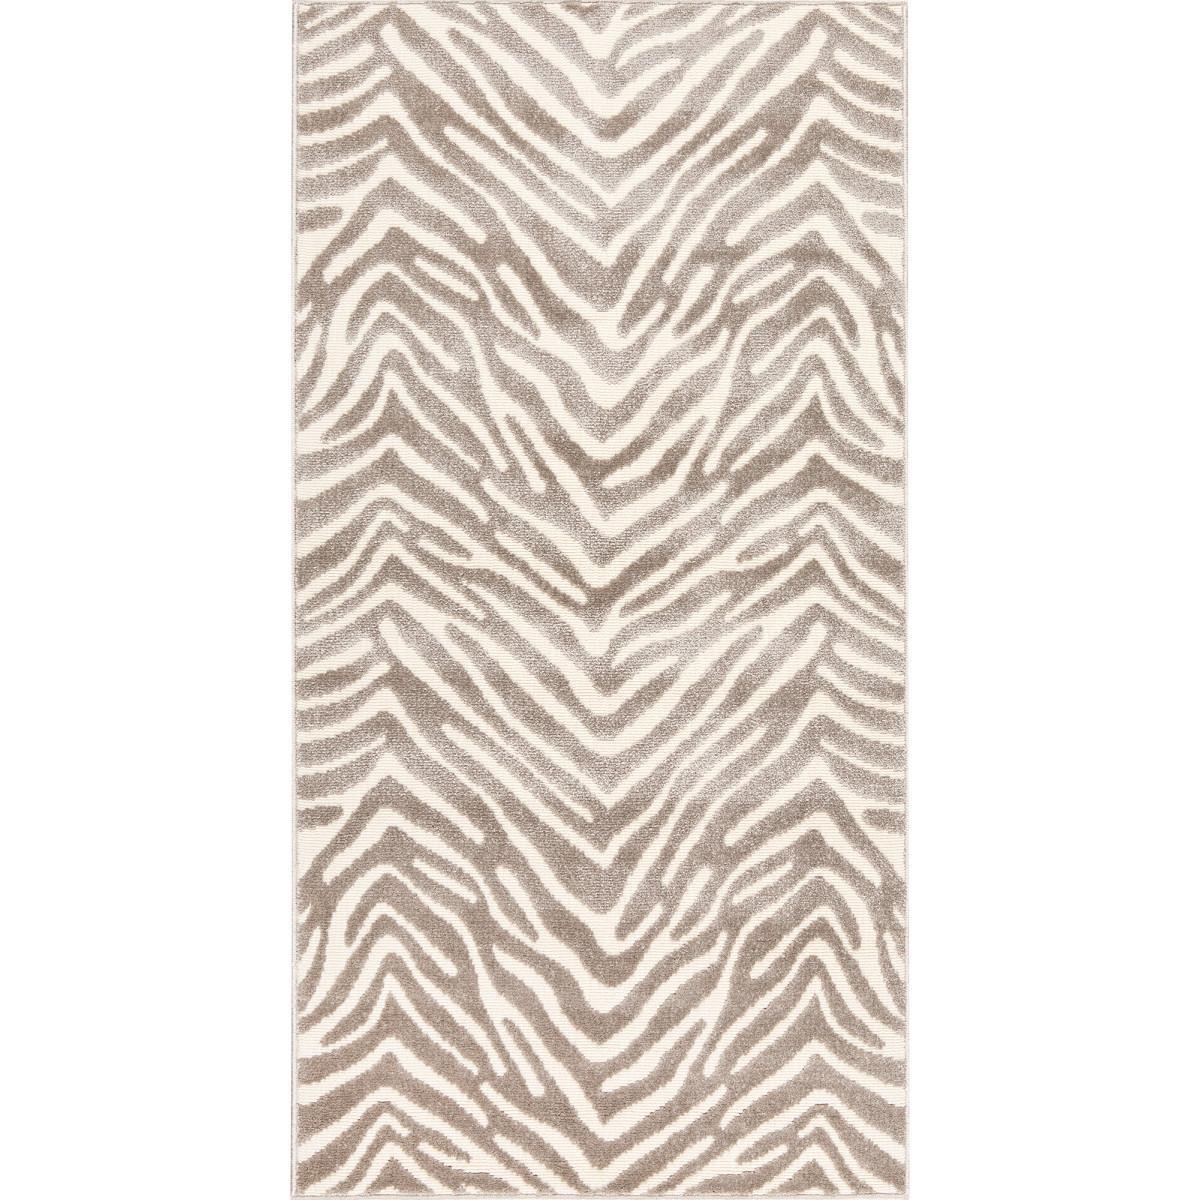 Ковер Reflex 40146/70 0.8х1.5 м цвет светло-серый